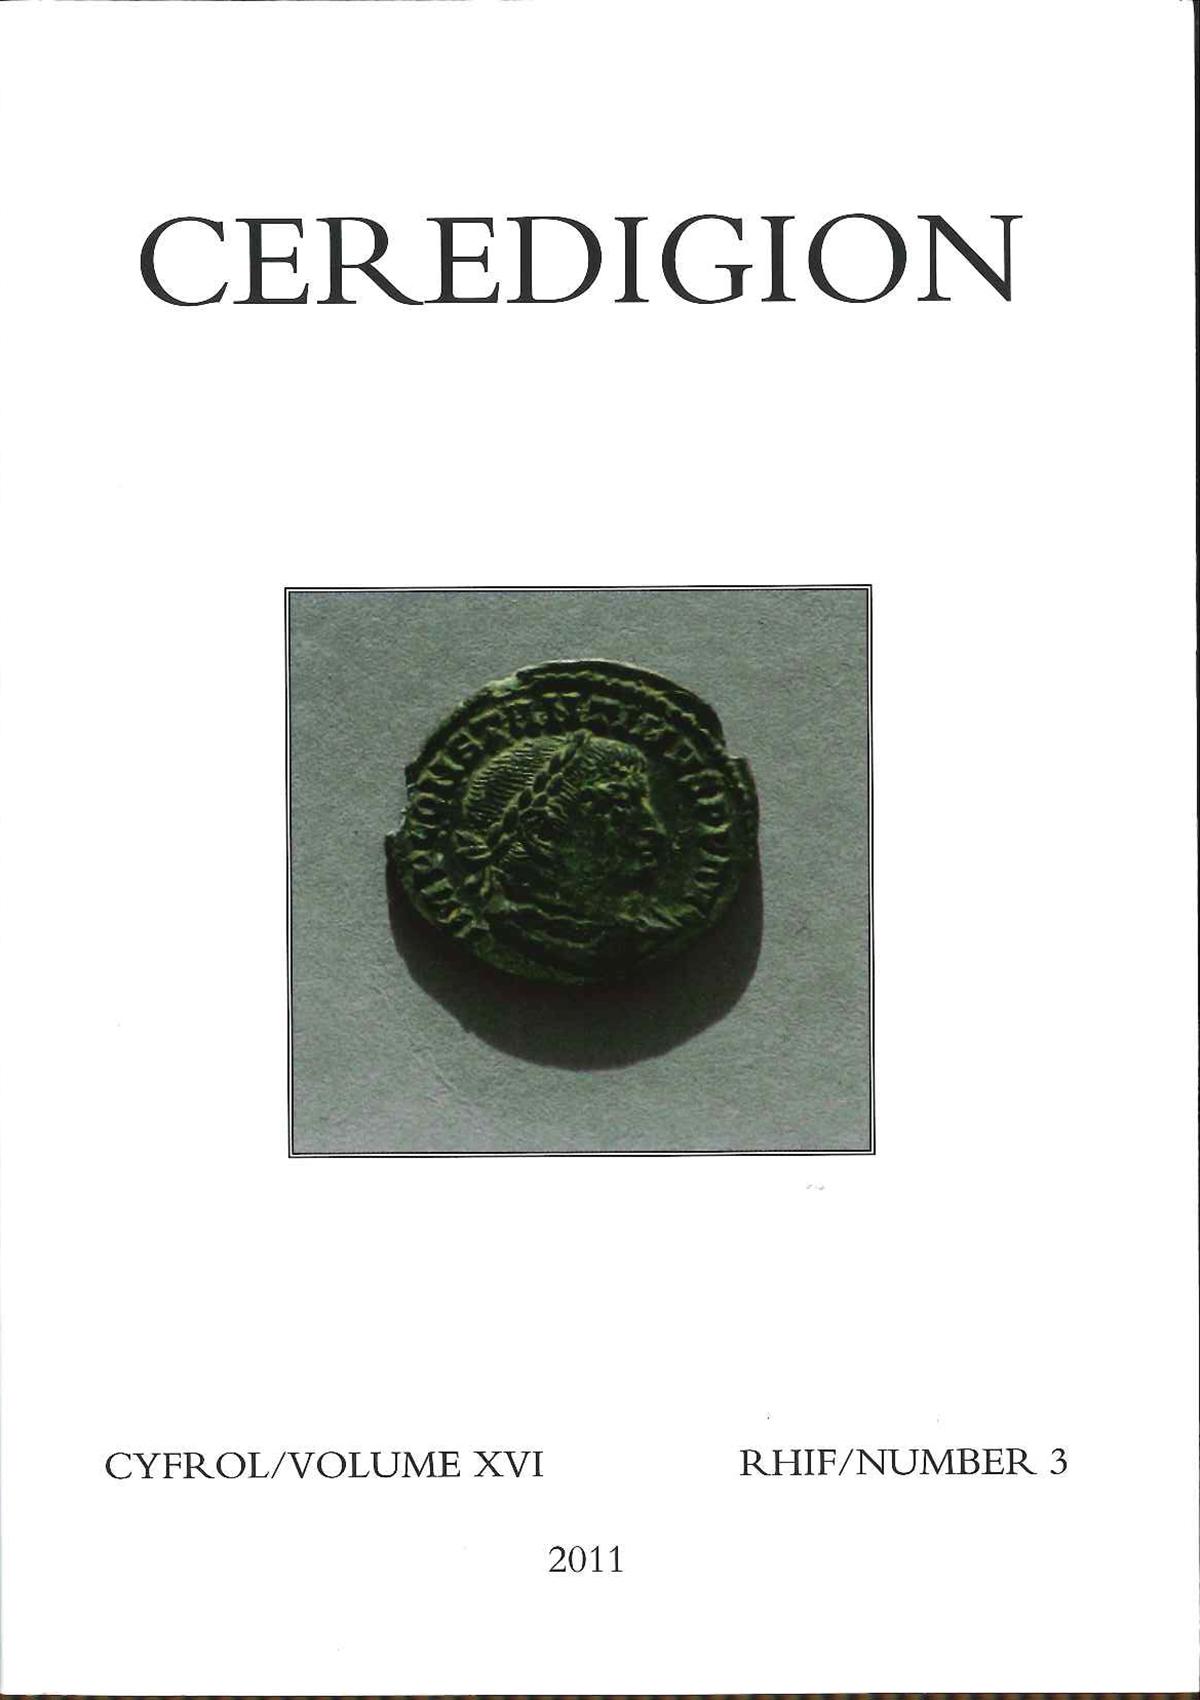 Ceredigion - Journal of the Ceredigion Historical Society Vol XVI, No 3, 2011 - ISBN 0069 2263